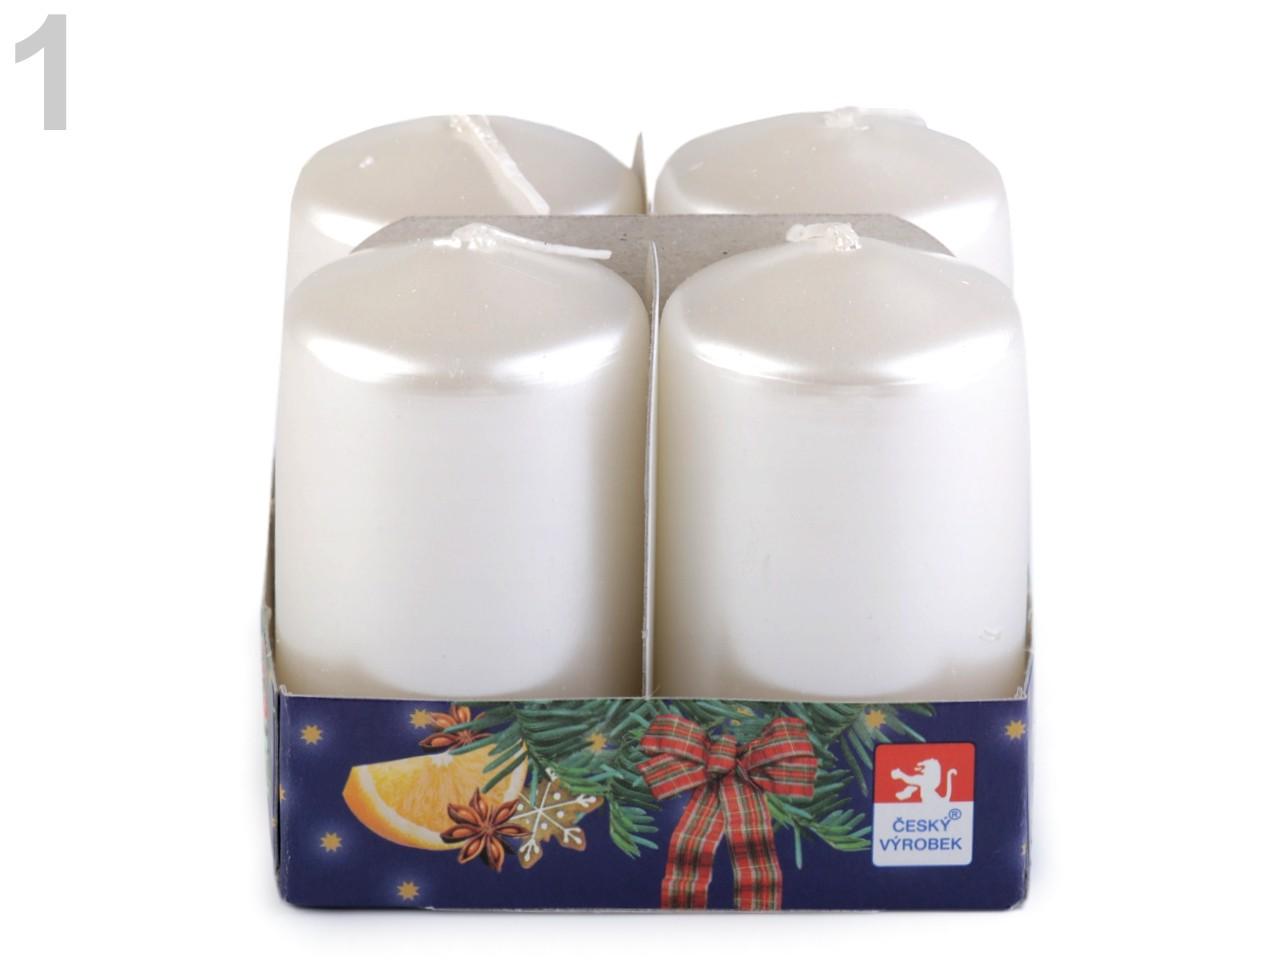 Adventní svíčky 4x7 cm válec 4ks - 21 Kč / ks 1 bílá